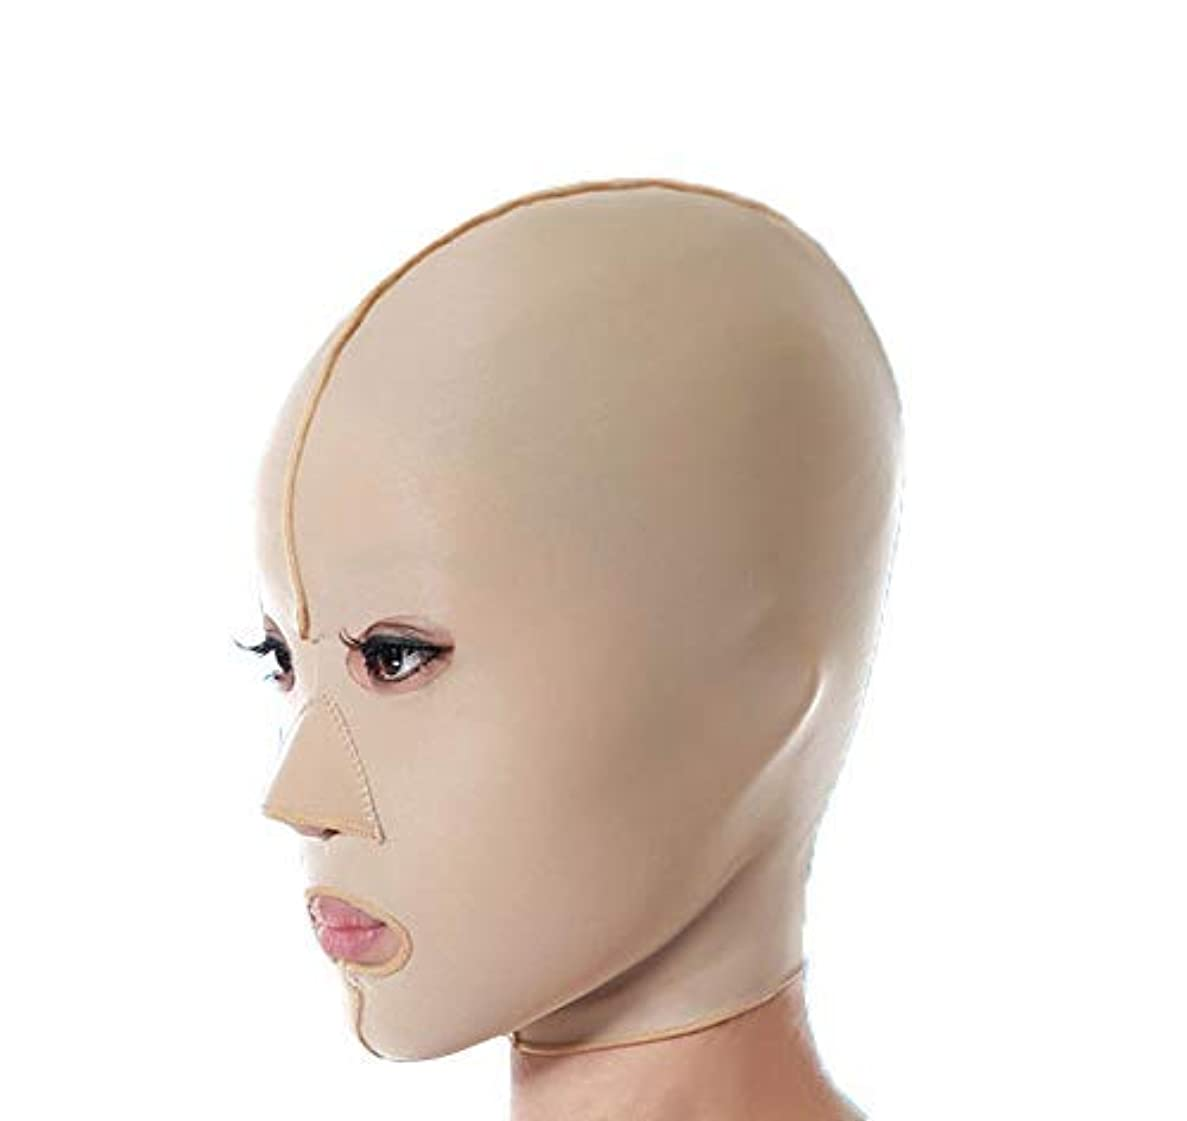 ストレス伝導率ためらうファーミングフェイスマスク、フェイシャルマスク医学強力なフェイスマスクアーティファクト美容垂れ防止法パターンフェイシャルリフティングファーミングフルフェイスマスク(サイズ:M),Xl